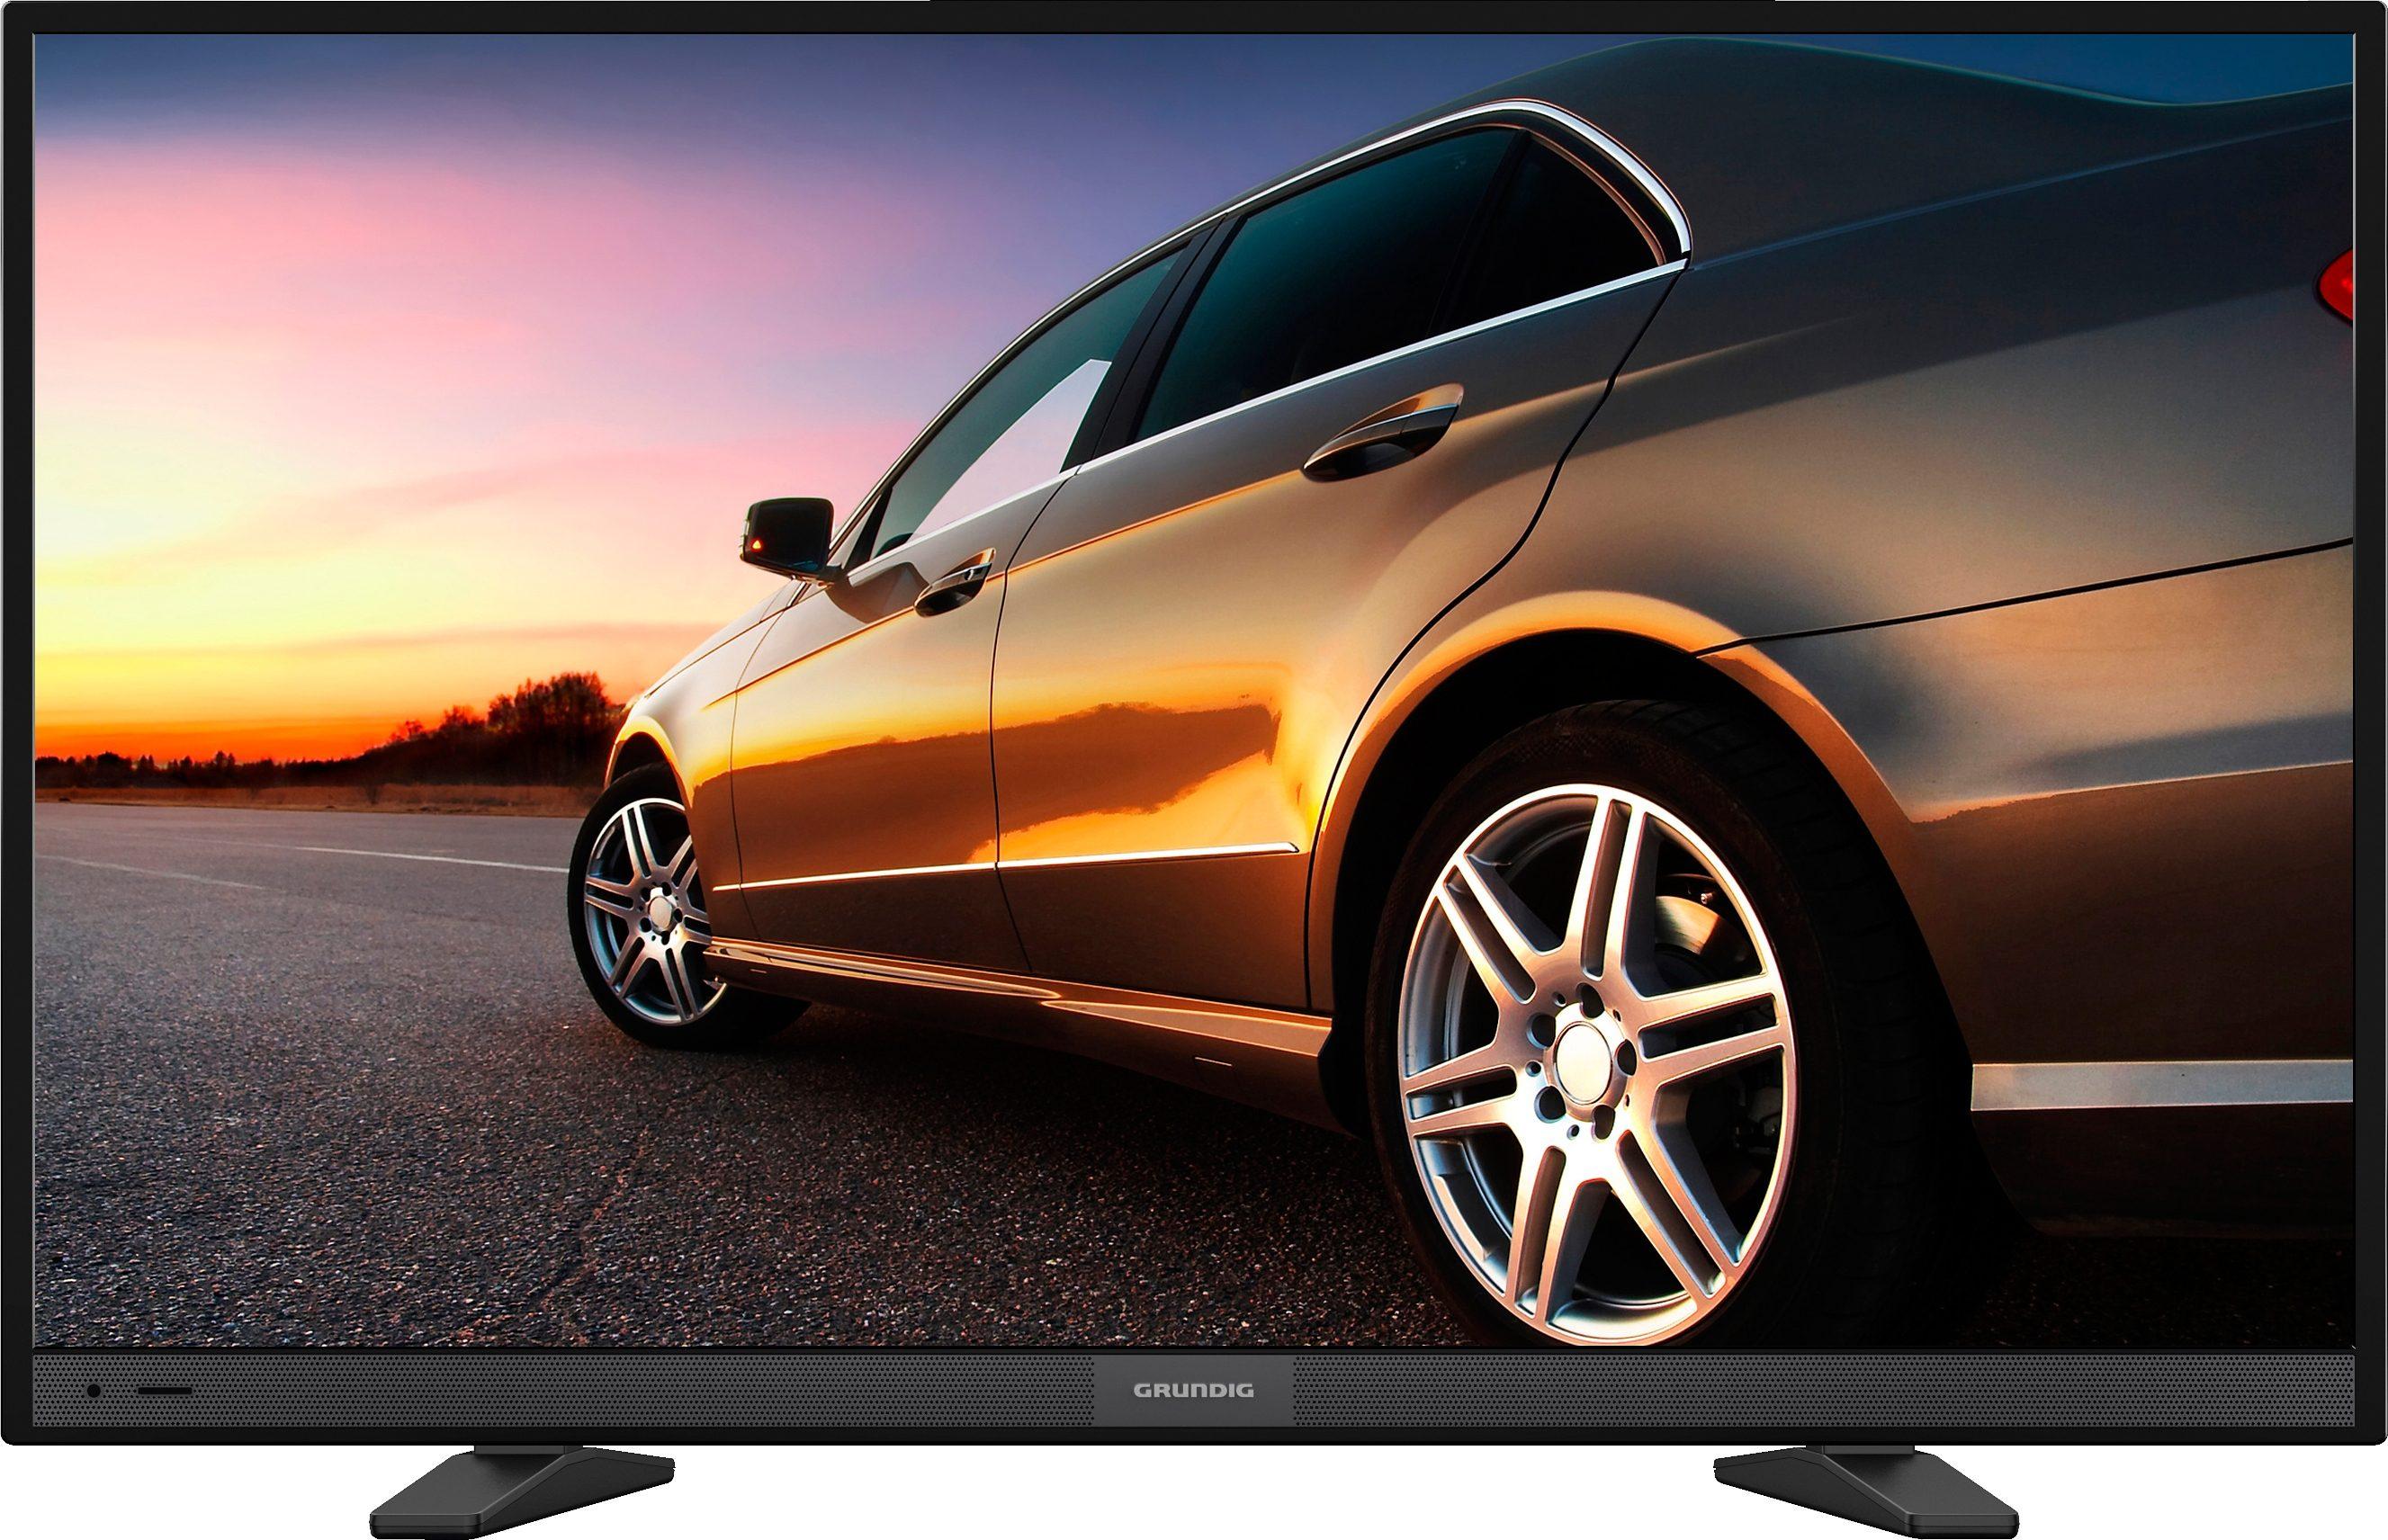 Grundig 40 VLE 6520 BL, LED Fernseher, 102 cm (40 Zoll), 1080p (Full HD), Smart-TV